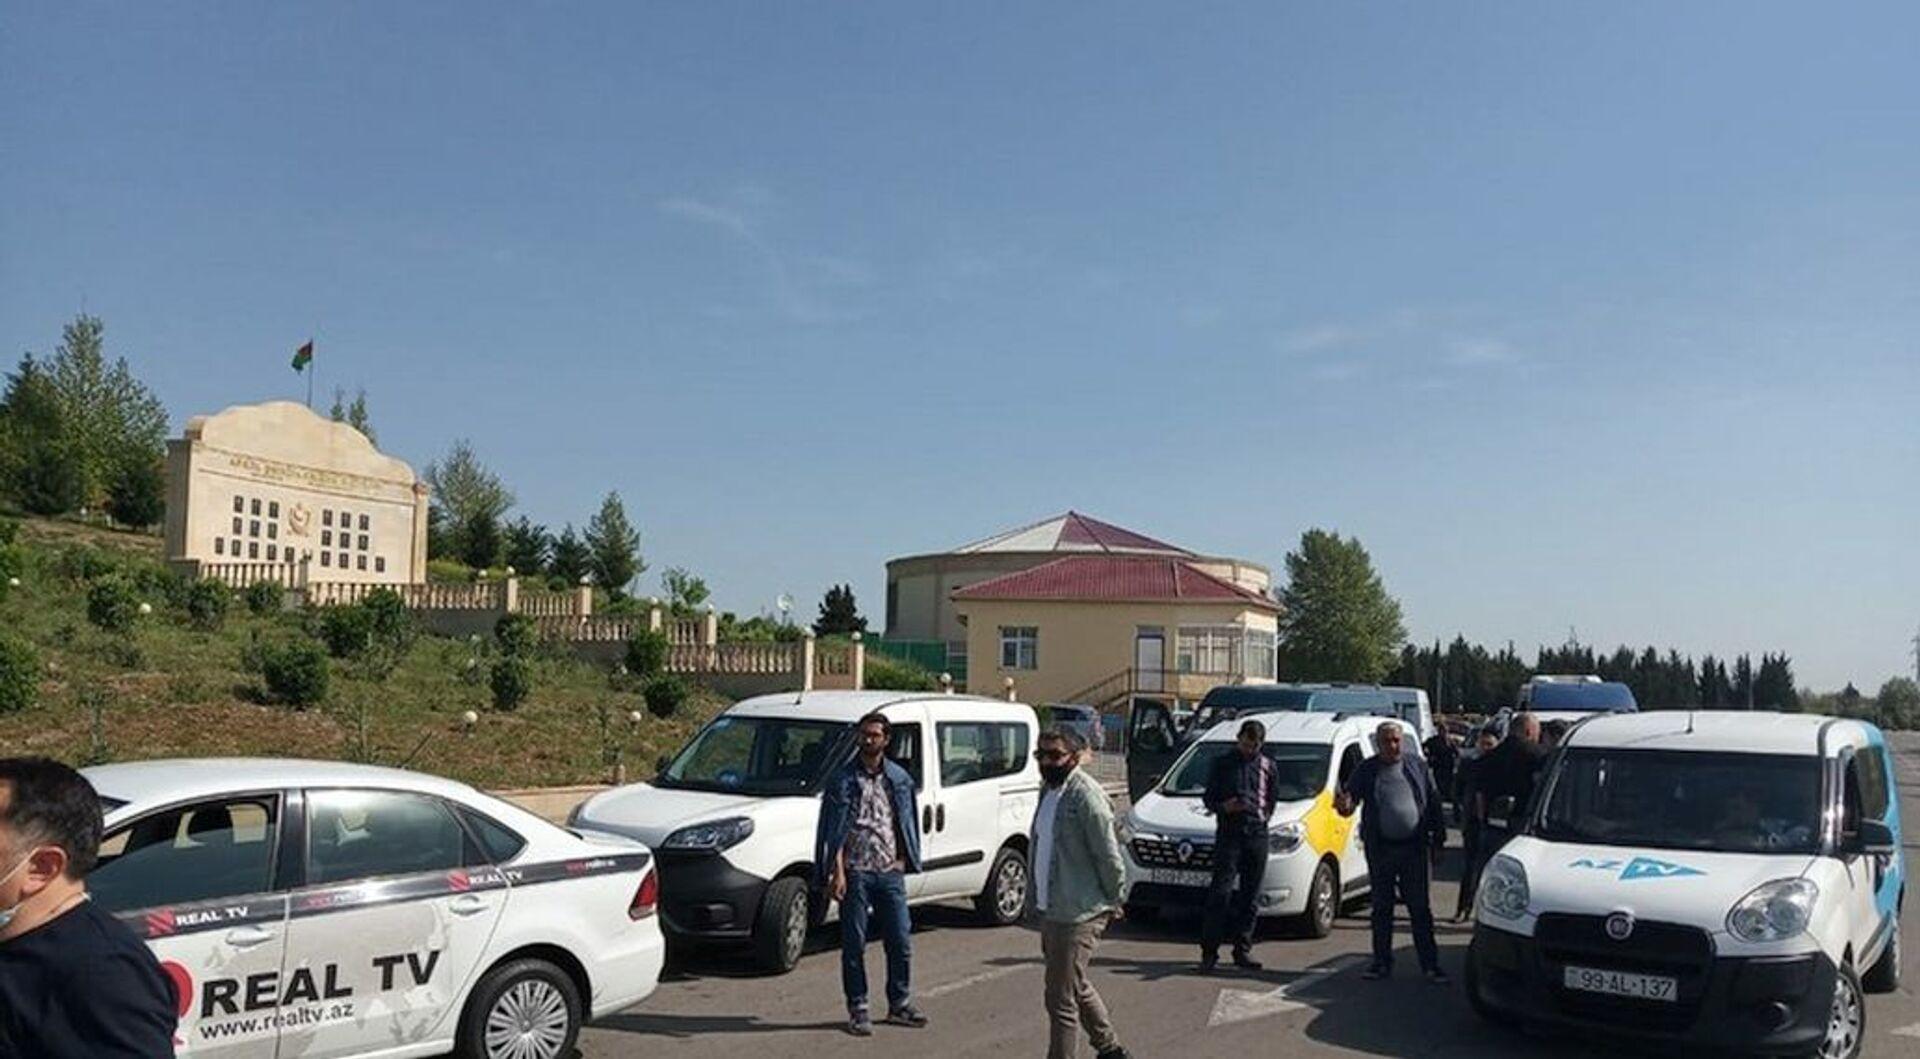 Члены Албано-удинской христианской религиозной общины Азербайджана посетили Ходжавенд - Sputnik Азербайджан, 1920, 17.04.2021